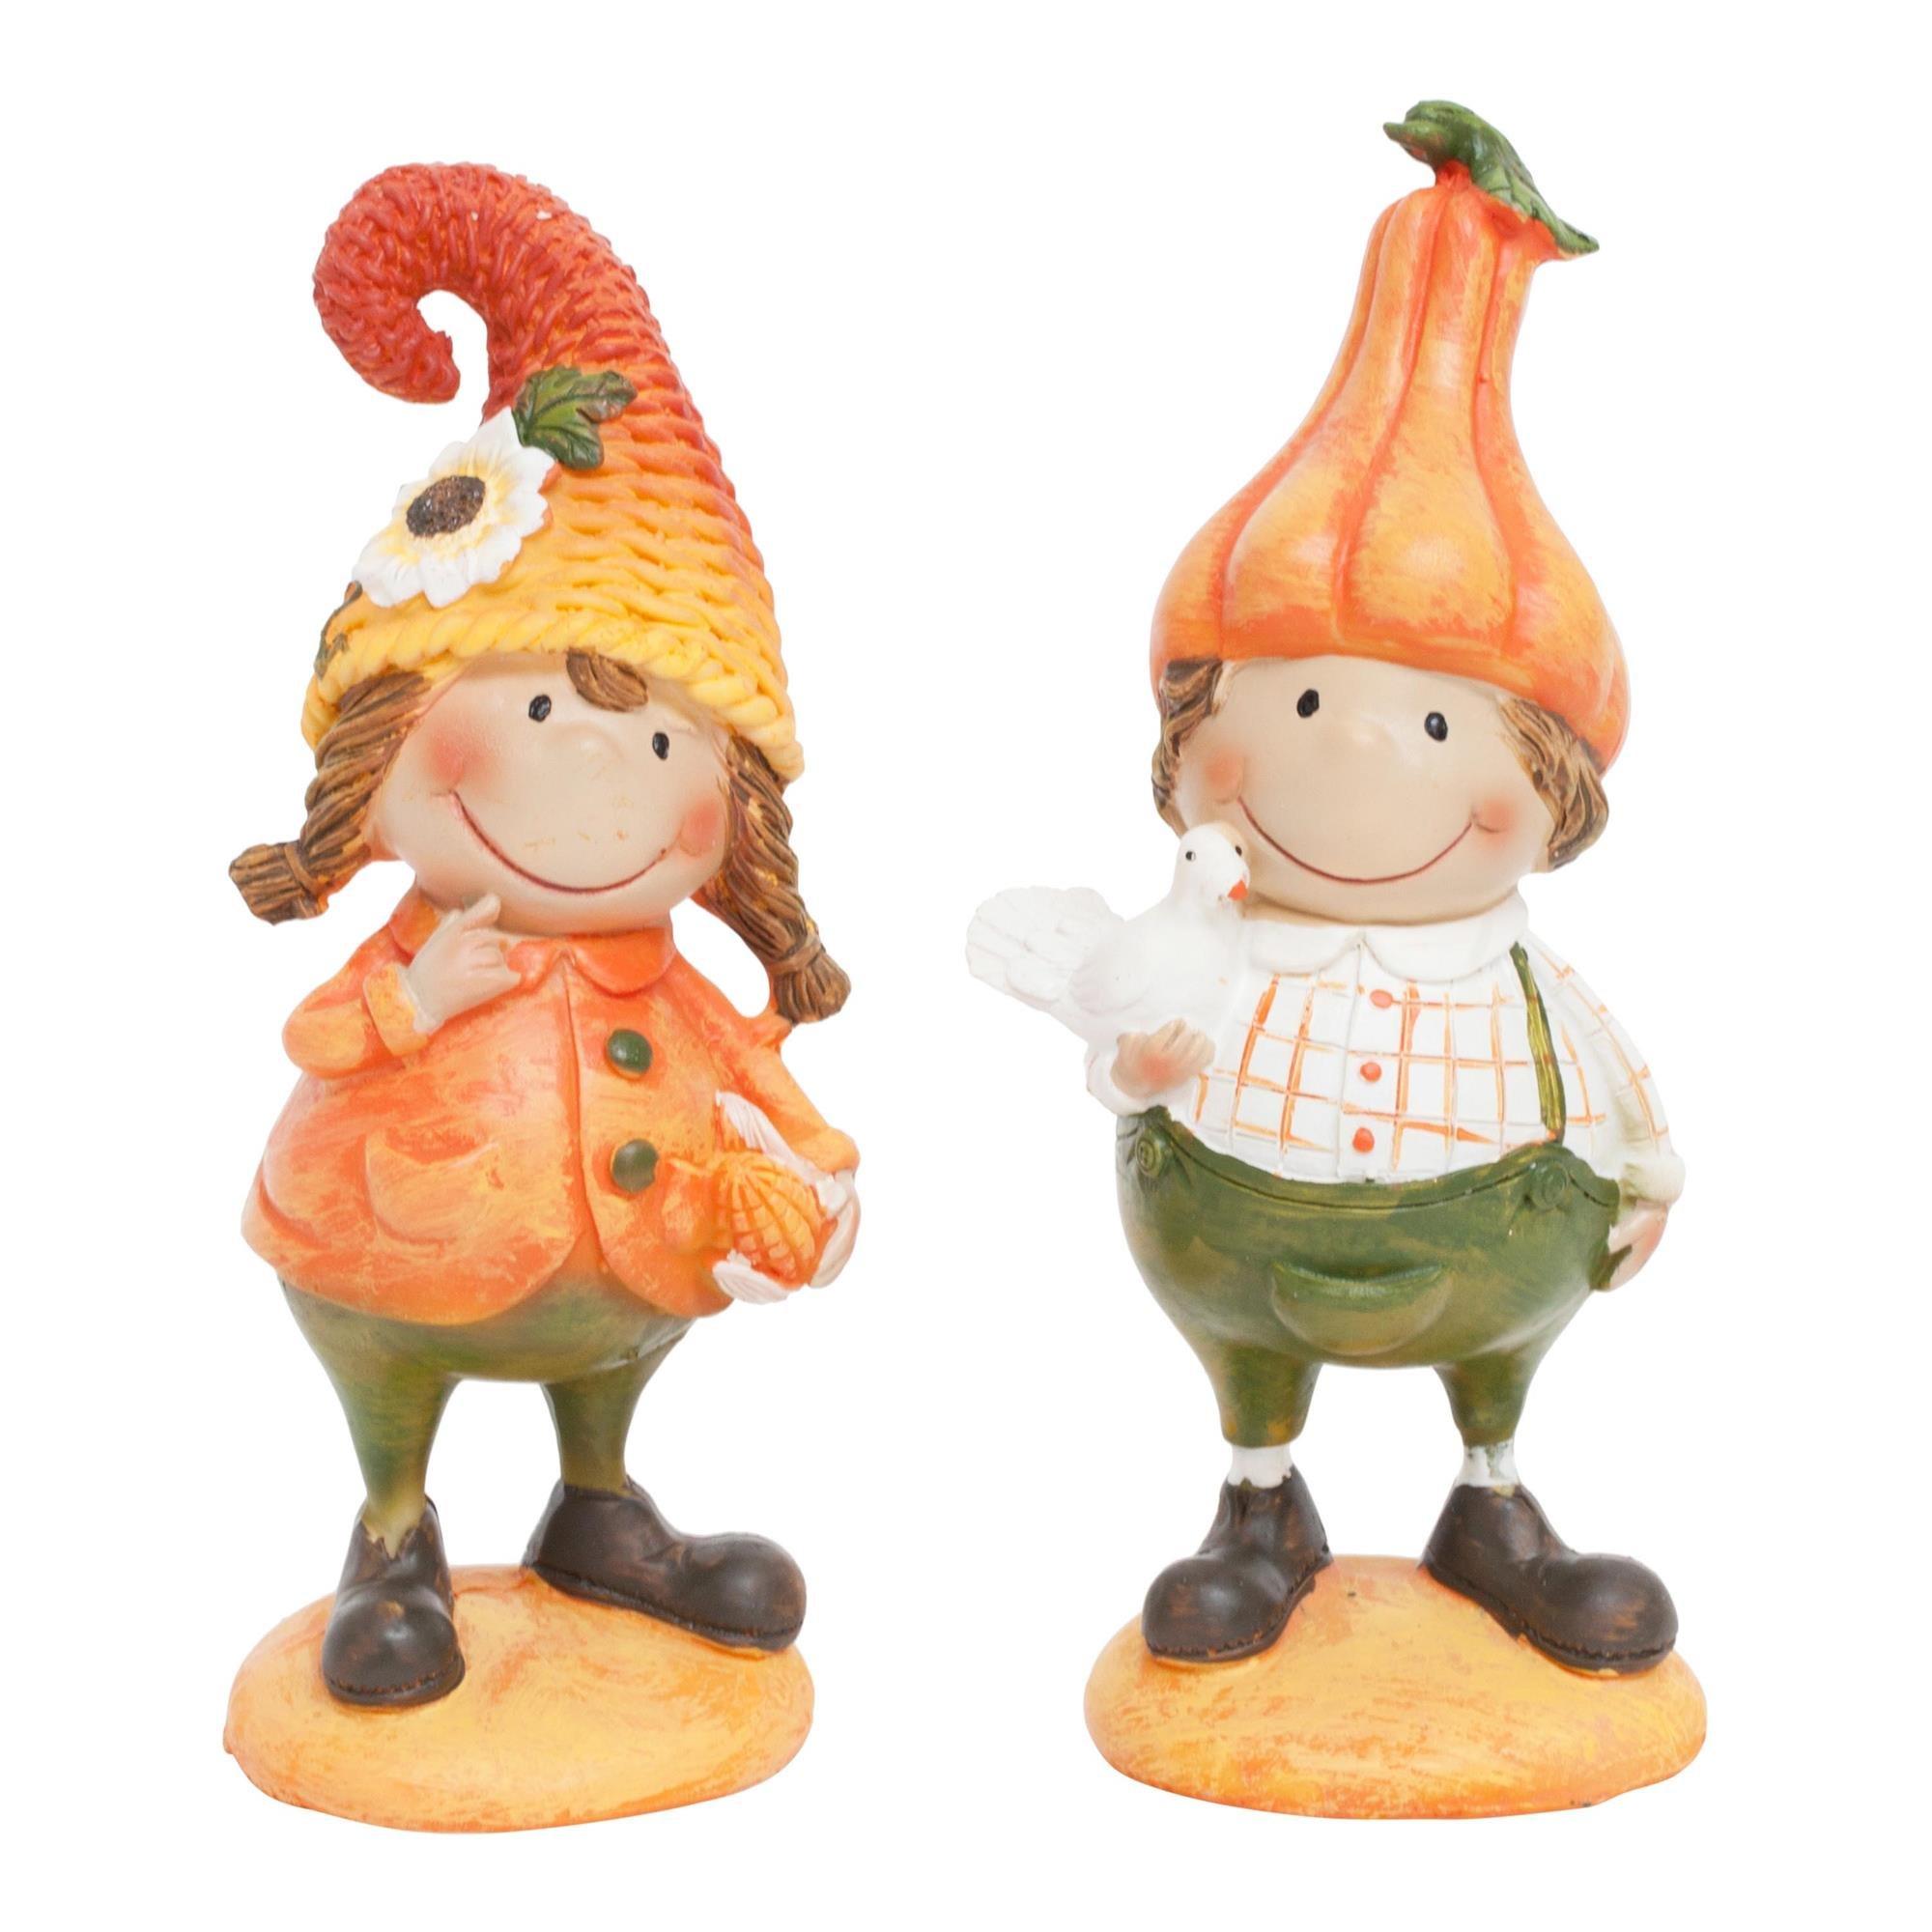 Juego de 2 figuras decorativas de jardín para niños con calabaza: Amazon.es: Jardín